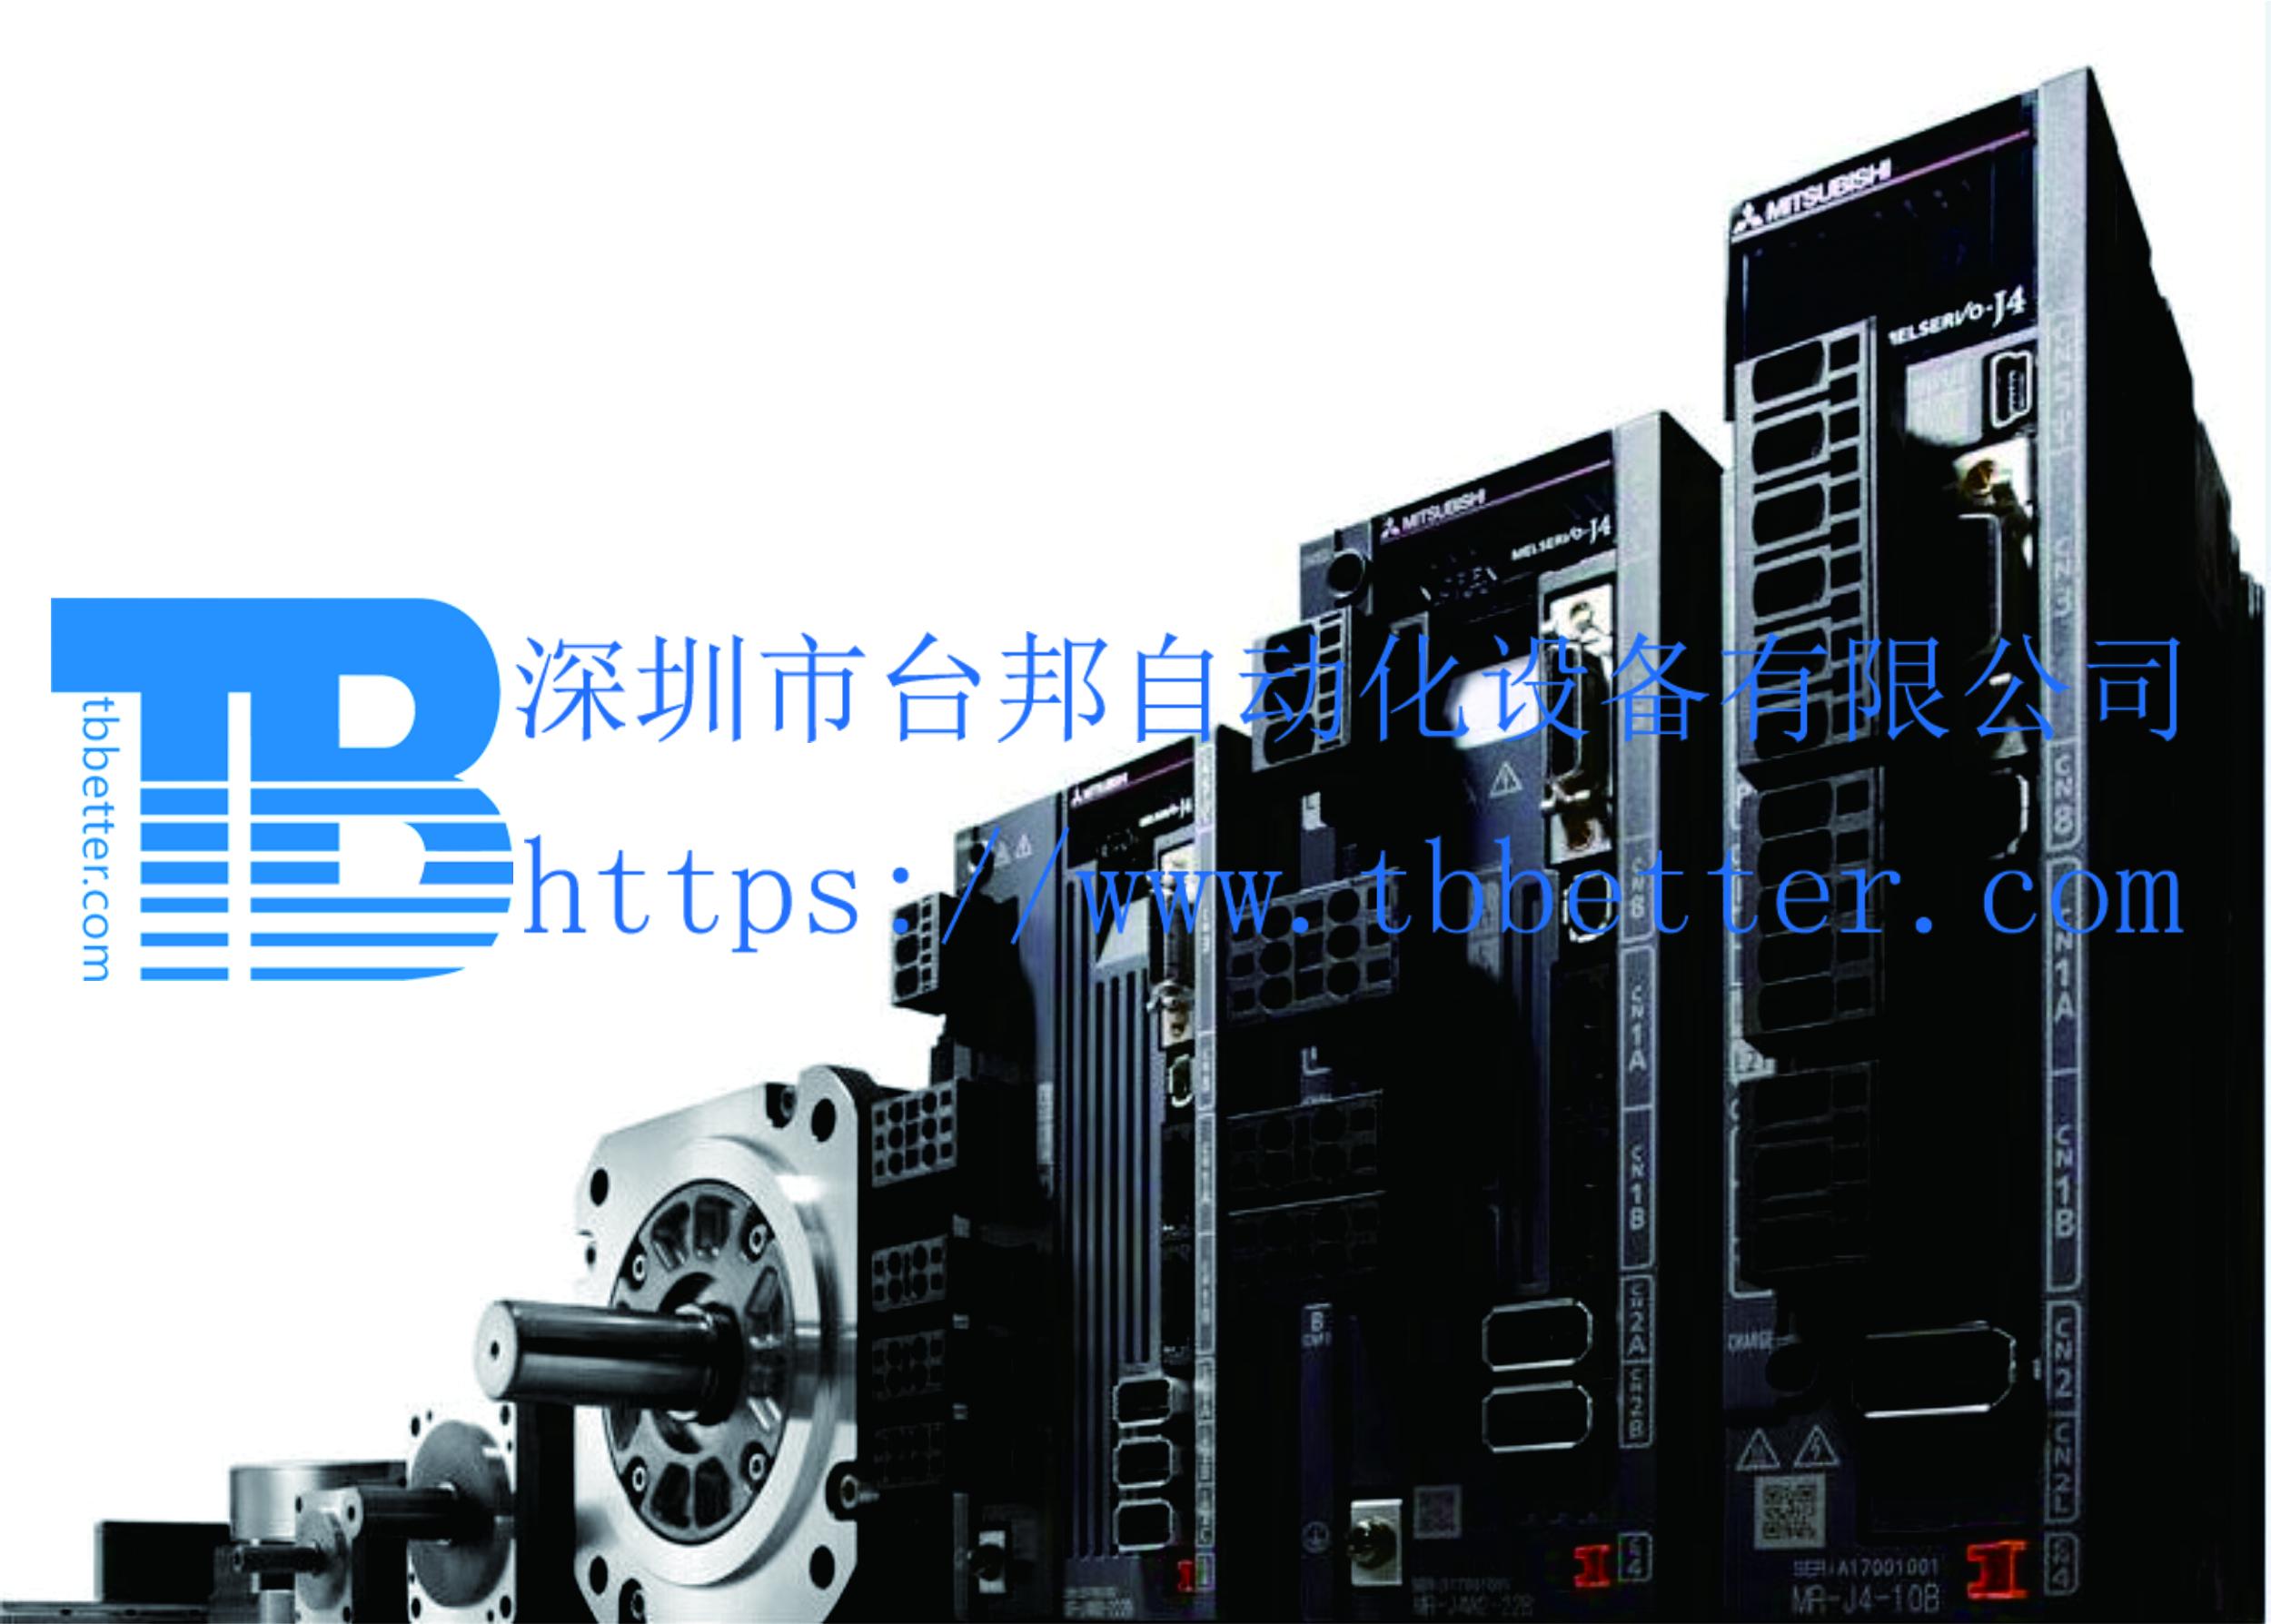 供应三菱伺服驱动器MR-JE-20B,原装现货,可提供免费技术支持